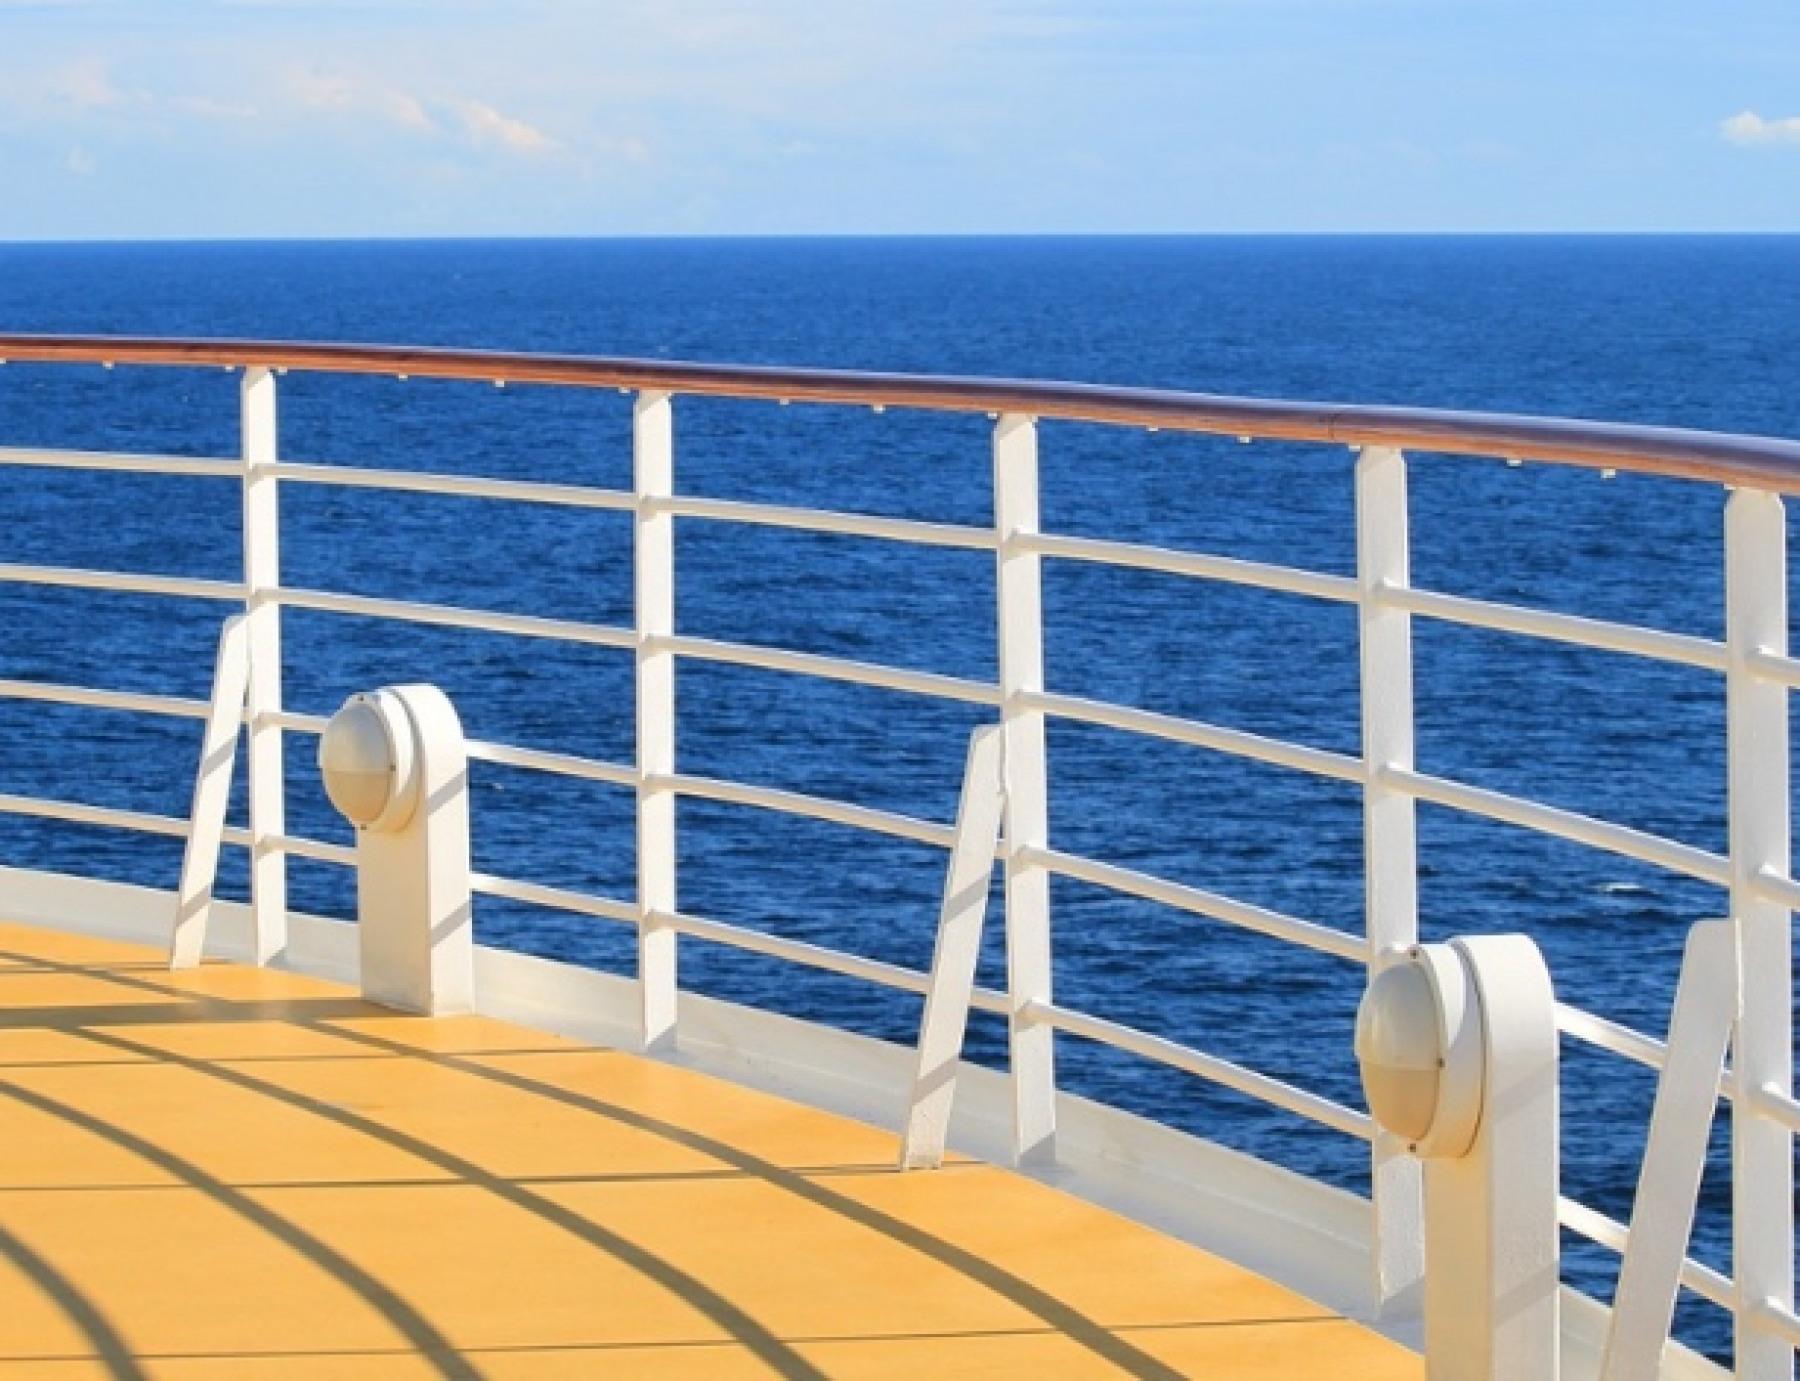 Princess Cruises Royal Class Interior alfredos.jpg